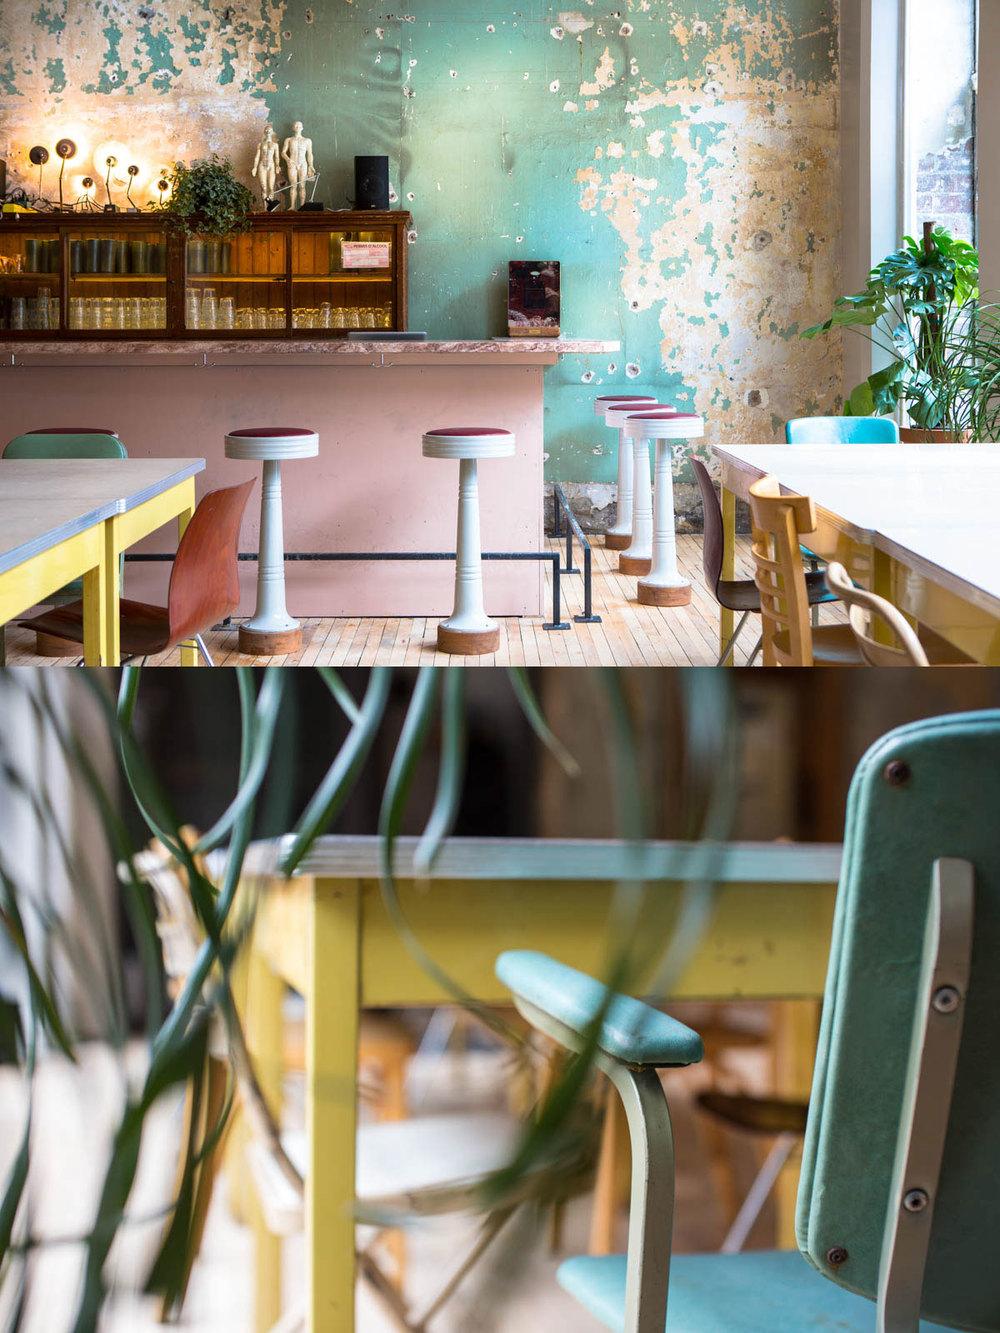 CafeParvis2ArielTarr.jpg